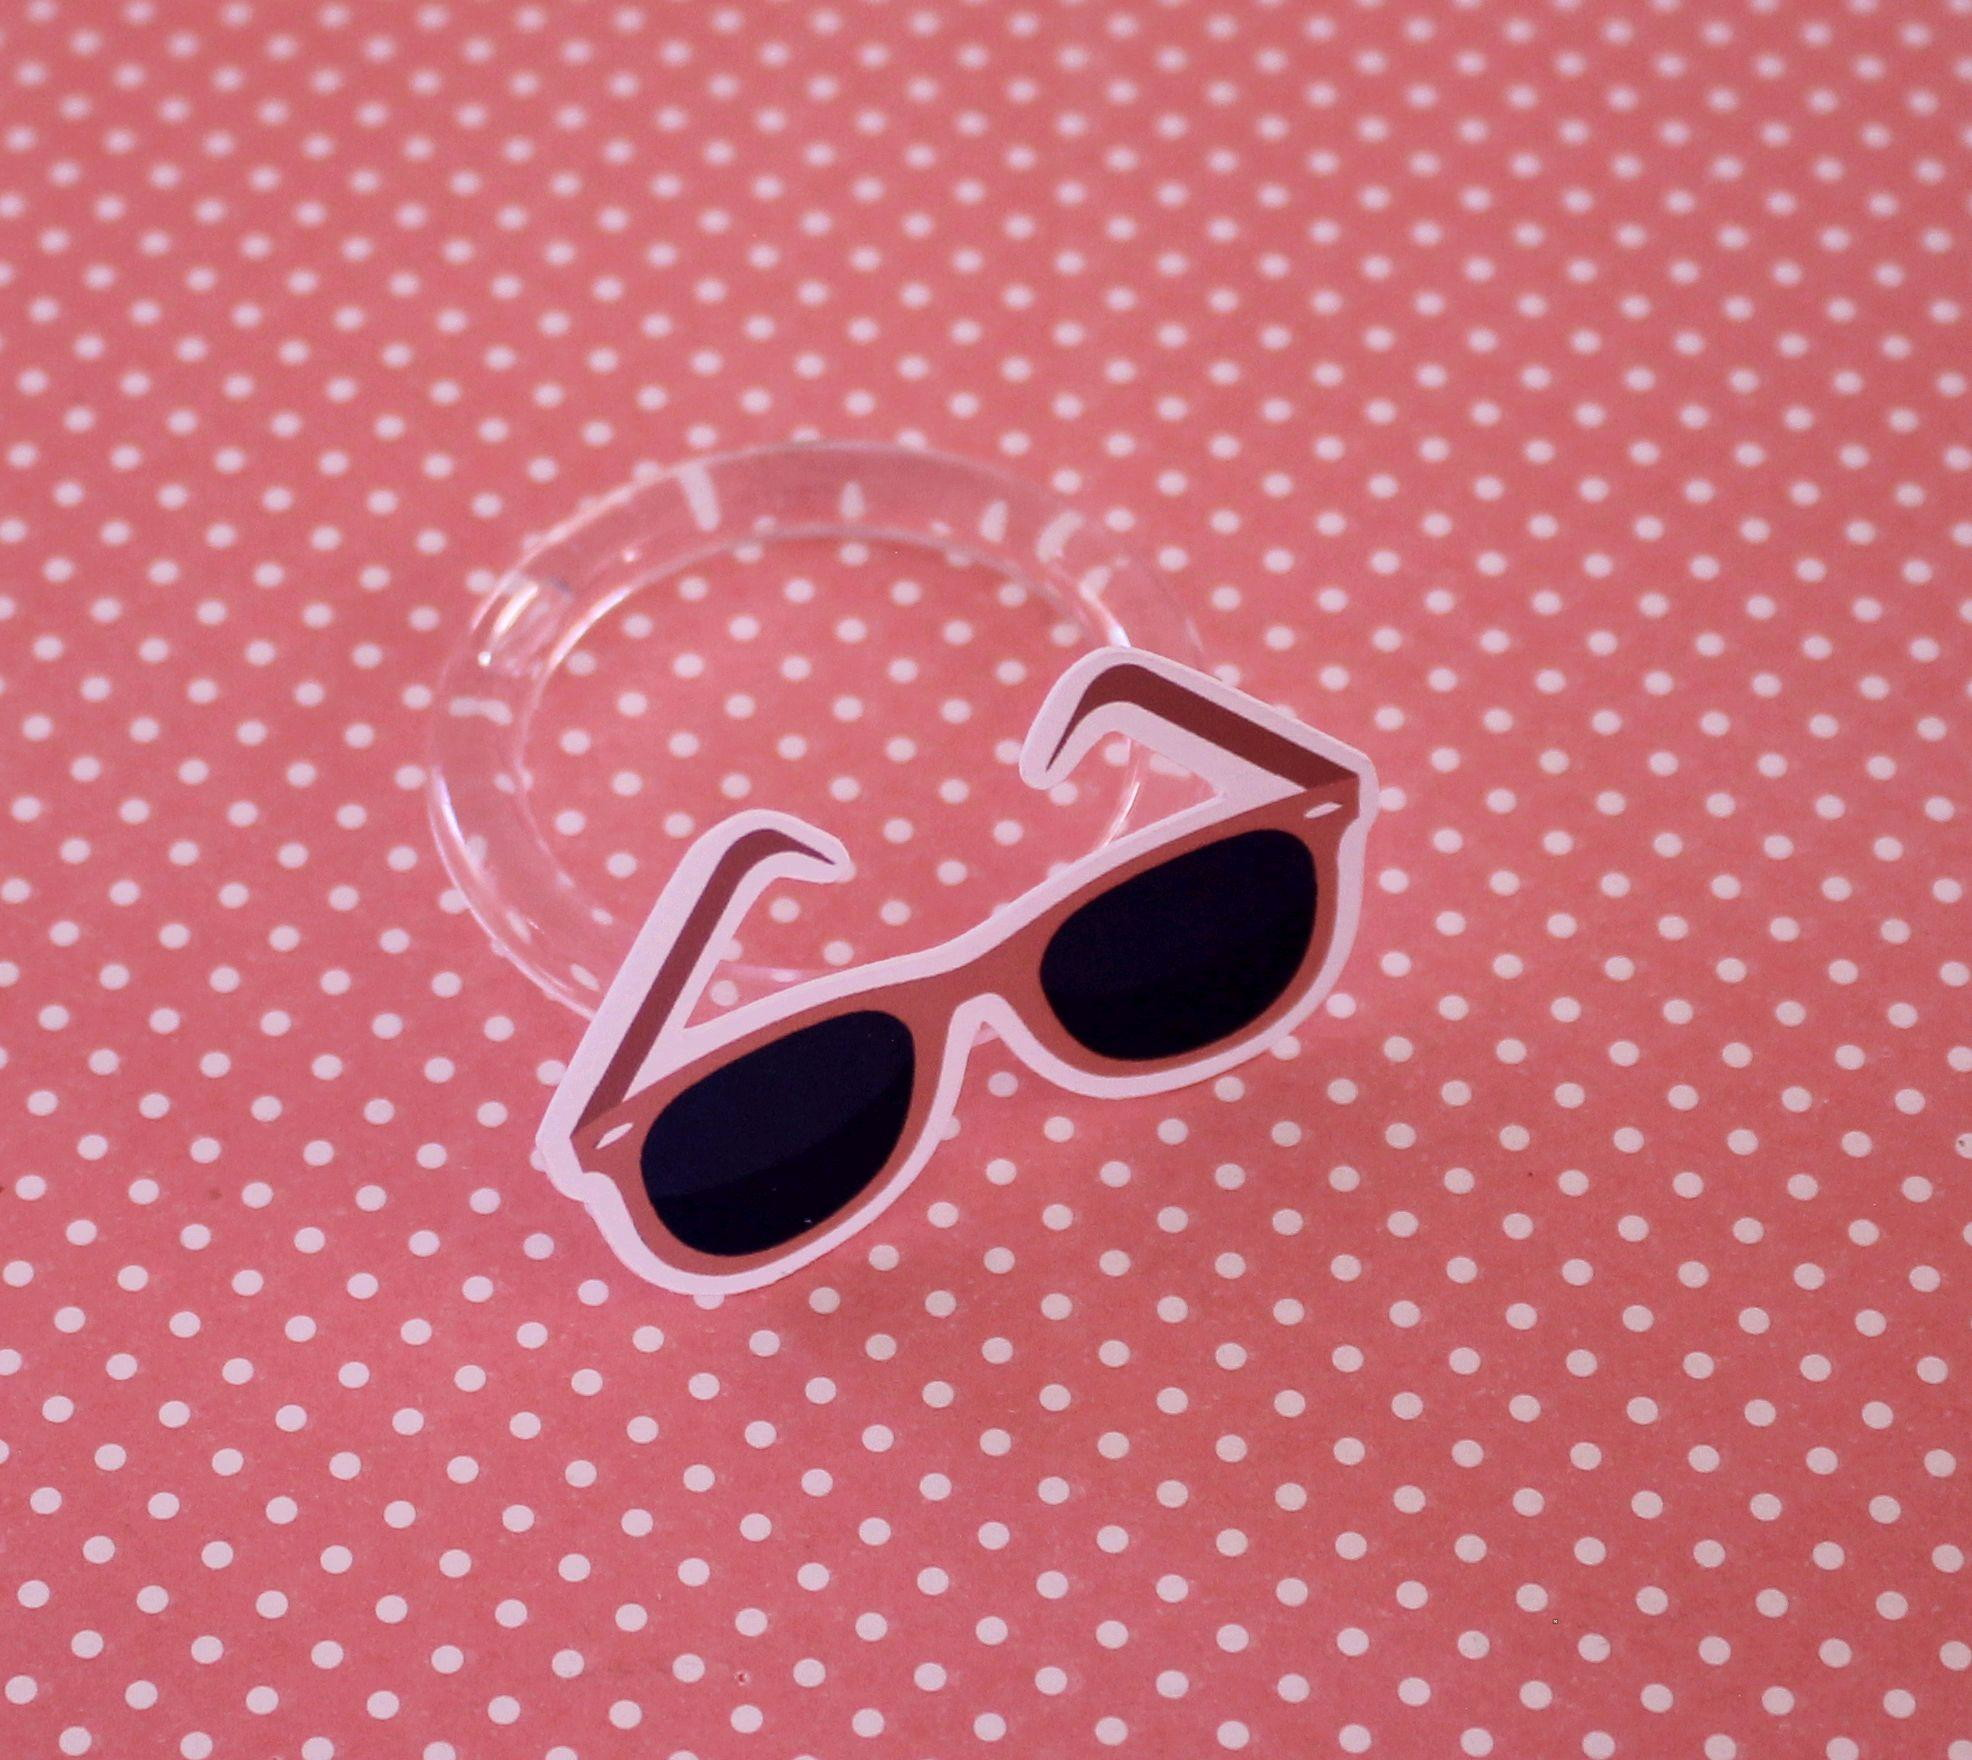 76733fc04 Porta-guardanapo - moda - óculos de sol no Elo7   A Carol que fez - festa e  decoração - Ribeirão Preto (BDBA0F)